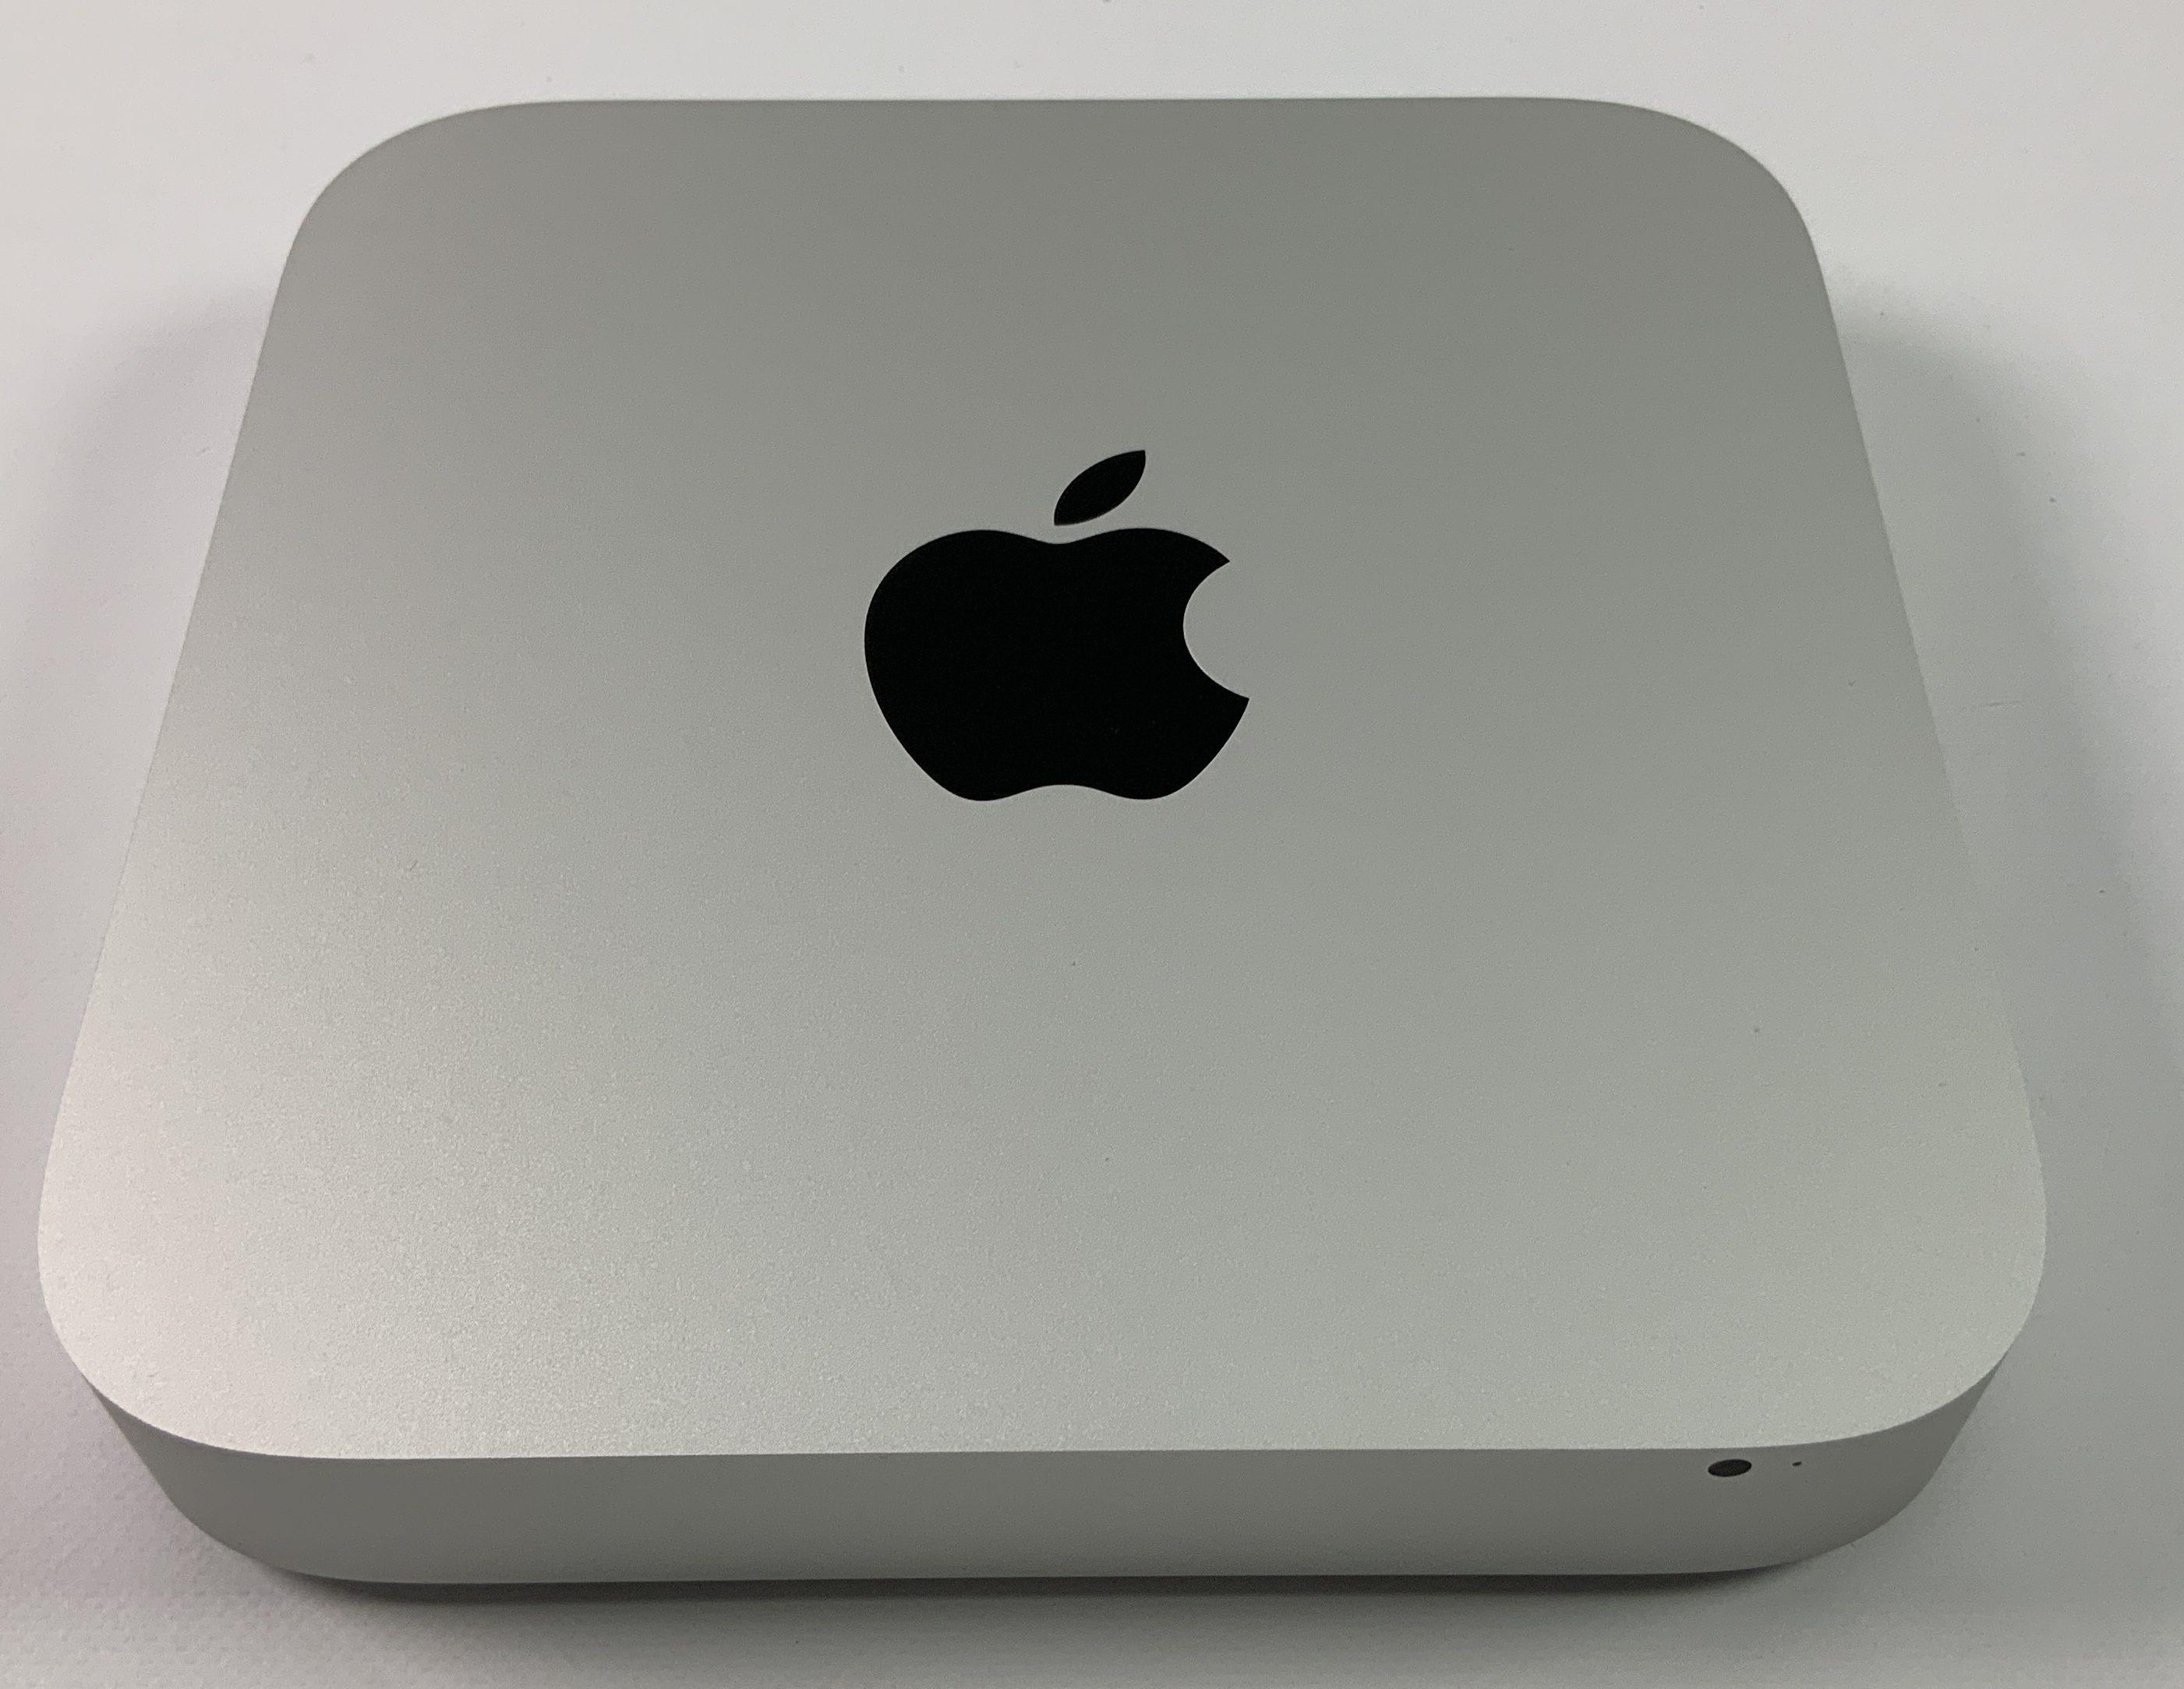 Mac Mini Late 2014 (Intel Core i7 3.0 GHz 16 GB RAM 512 GB SSD), Intel Core i7 3.0 GHz, 16 GB RAM, 512 GB SSD, Afbeelding 1